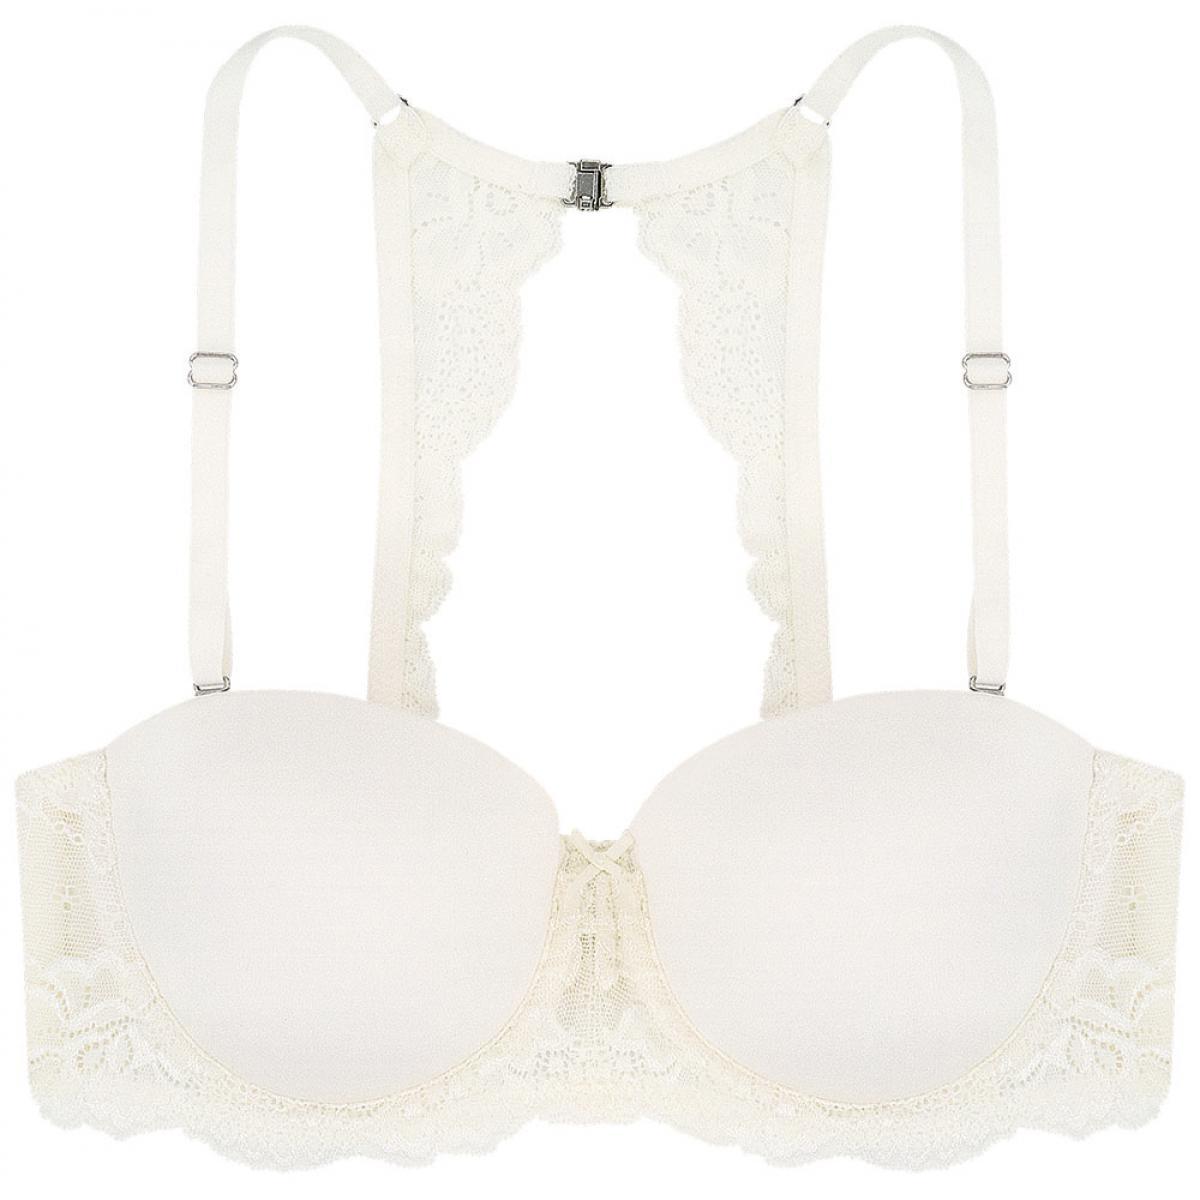 Liste de produits lingerie et prix lingerie - page 75 - ShopandBuy.fr 1c0c3b16084